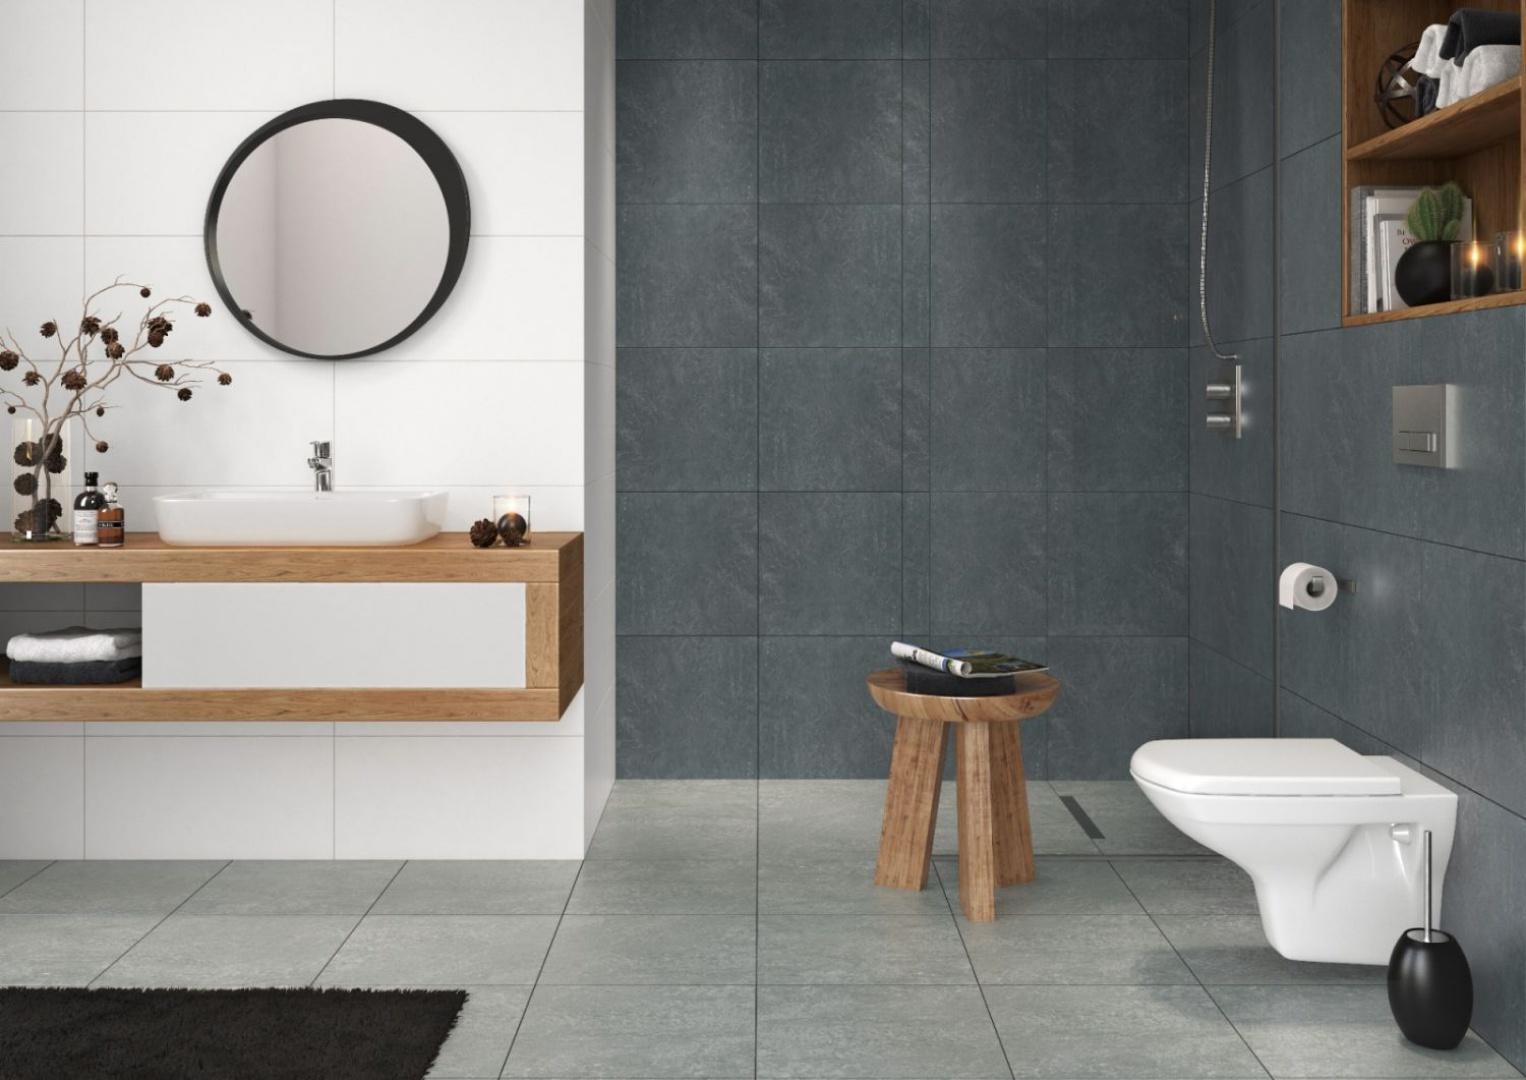 Aranżacja łazienki stworzona przez producenta płytek ceramicznych. Z szarymi gresami i nowoczesną stylistyką idealnie komponuje się okrągłe lustro w asymetrycznej ramie. Fot. Cersanit